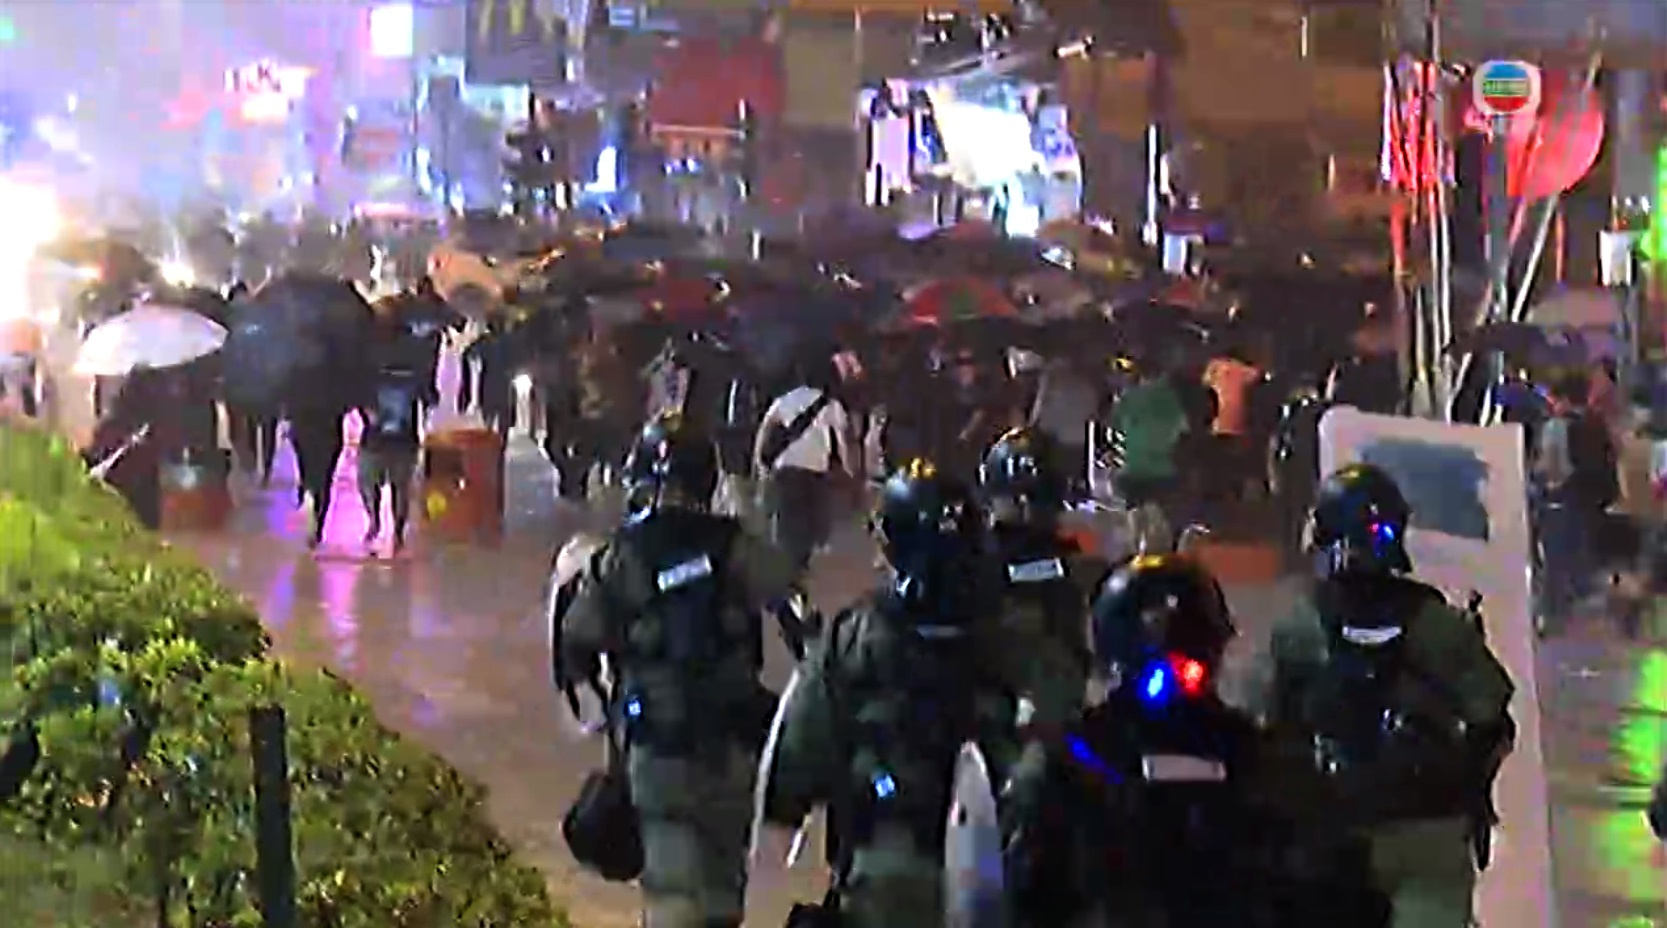 防暴警察展開驅散。無線新聞截圖